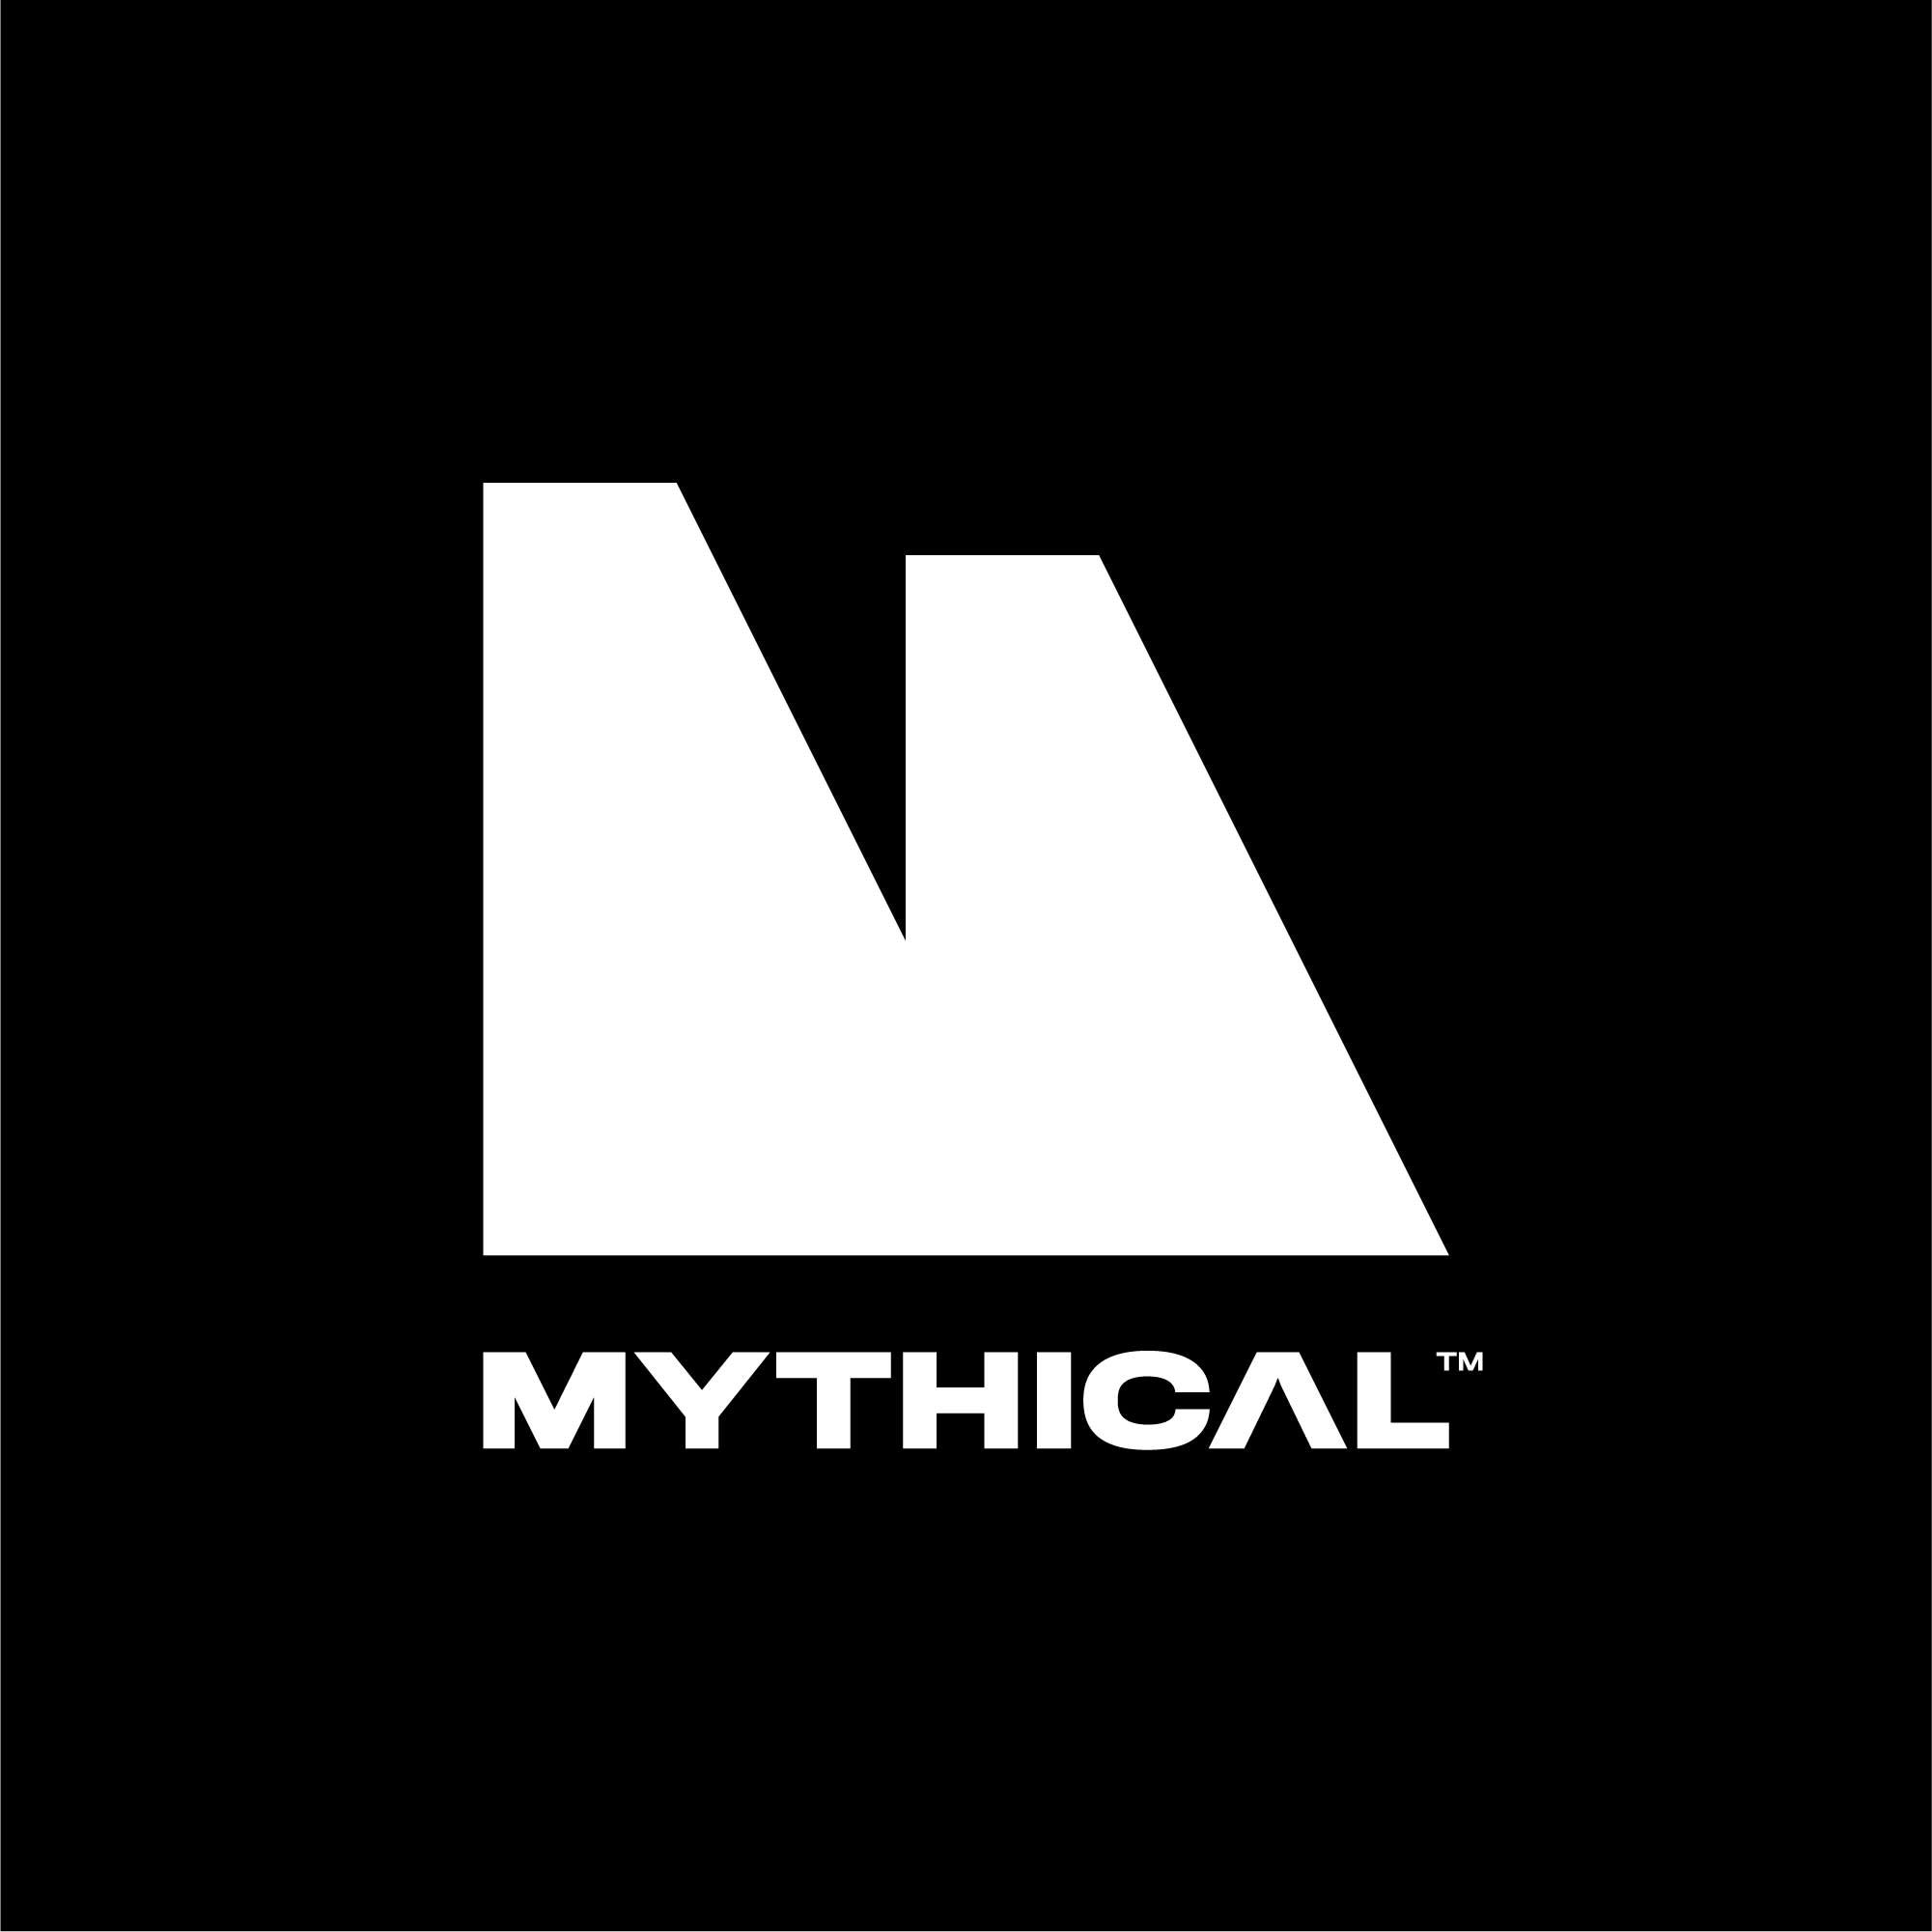 Mythical Marketplace logo